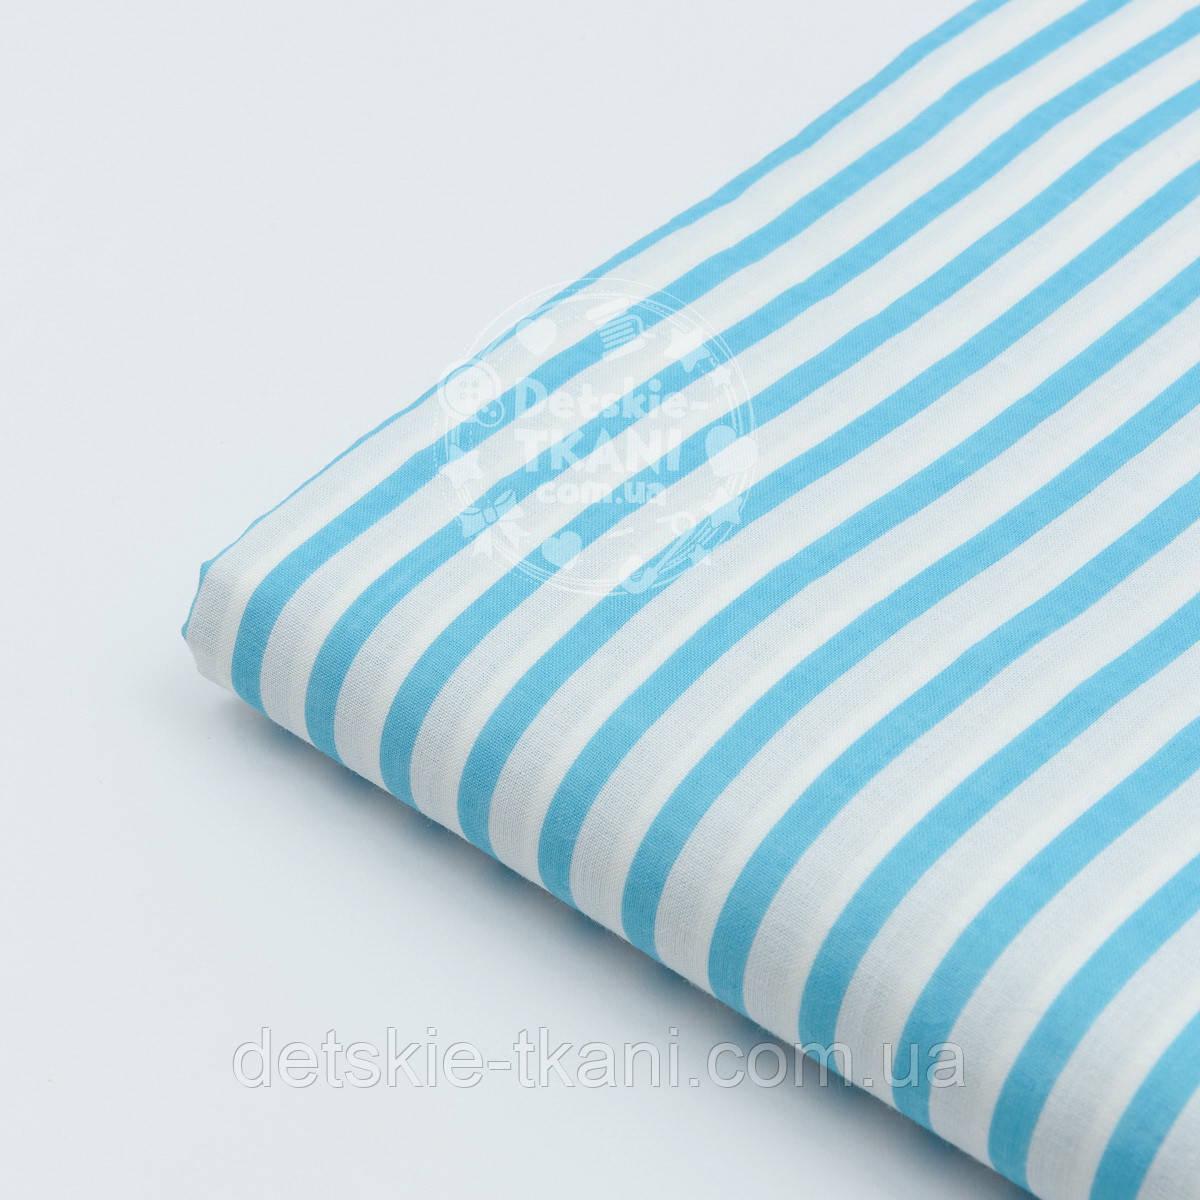 Отрез ткани с полоской 6 мм голубого (бирюзового) цвета (№ 605а), размер 75*160